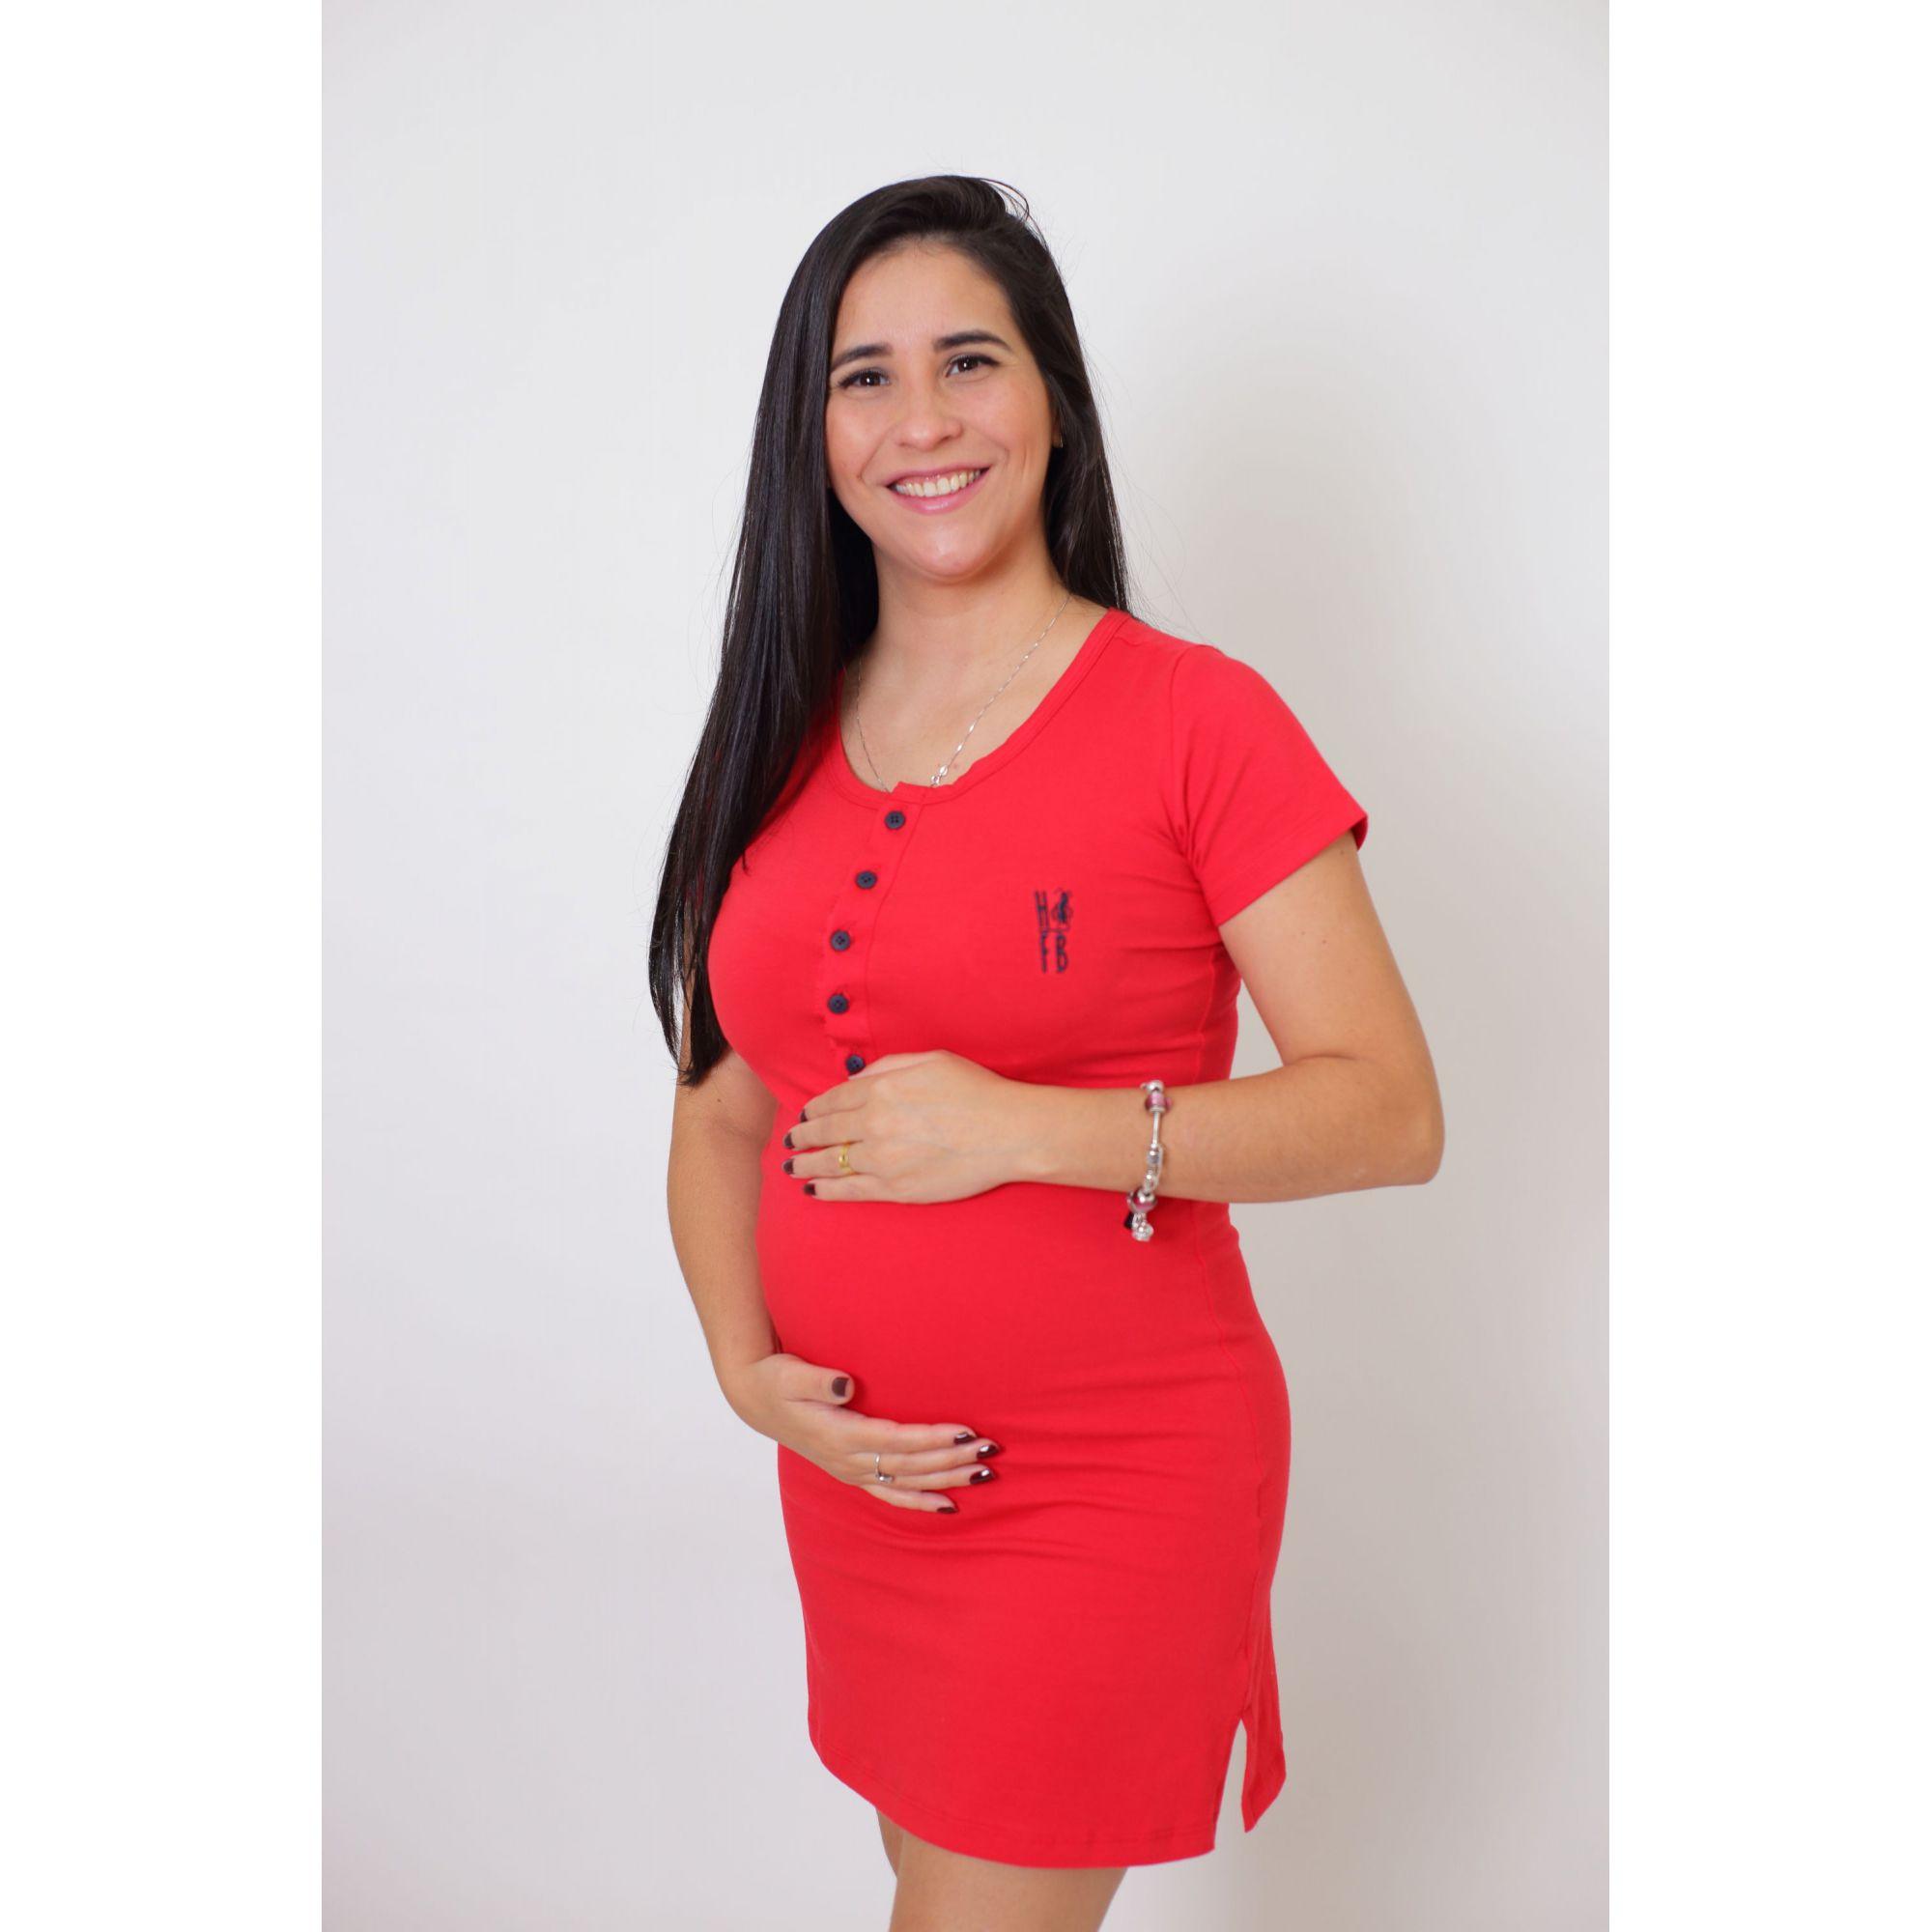 PAIS E FILHOS > Kit Saída de Maternidade 3 Peças - Vermelho [Coleção Família]  - Heitor Fashion Brazil